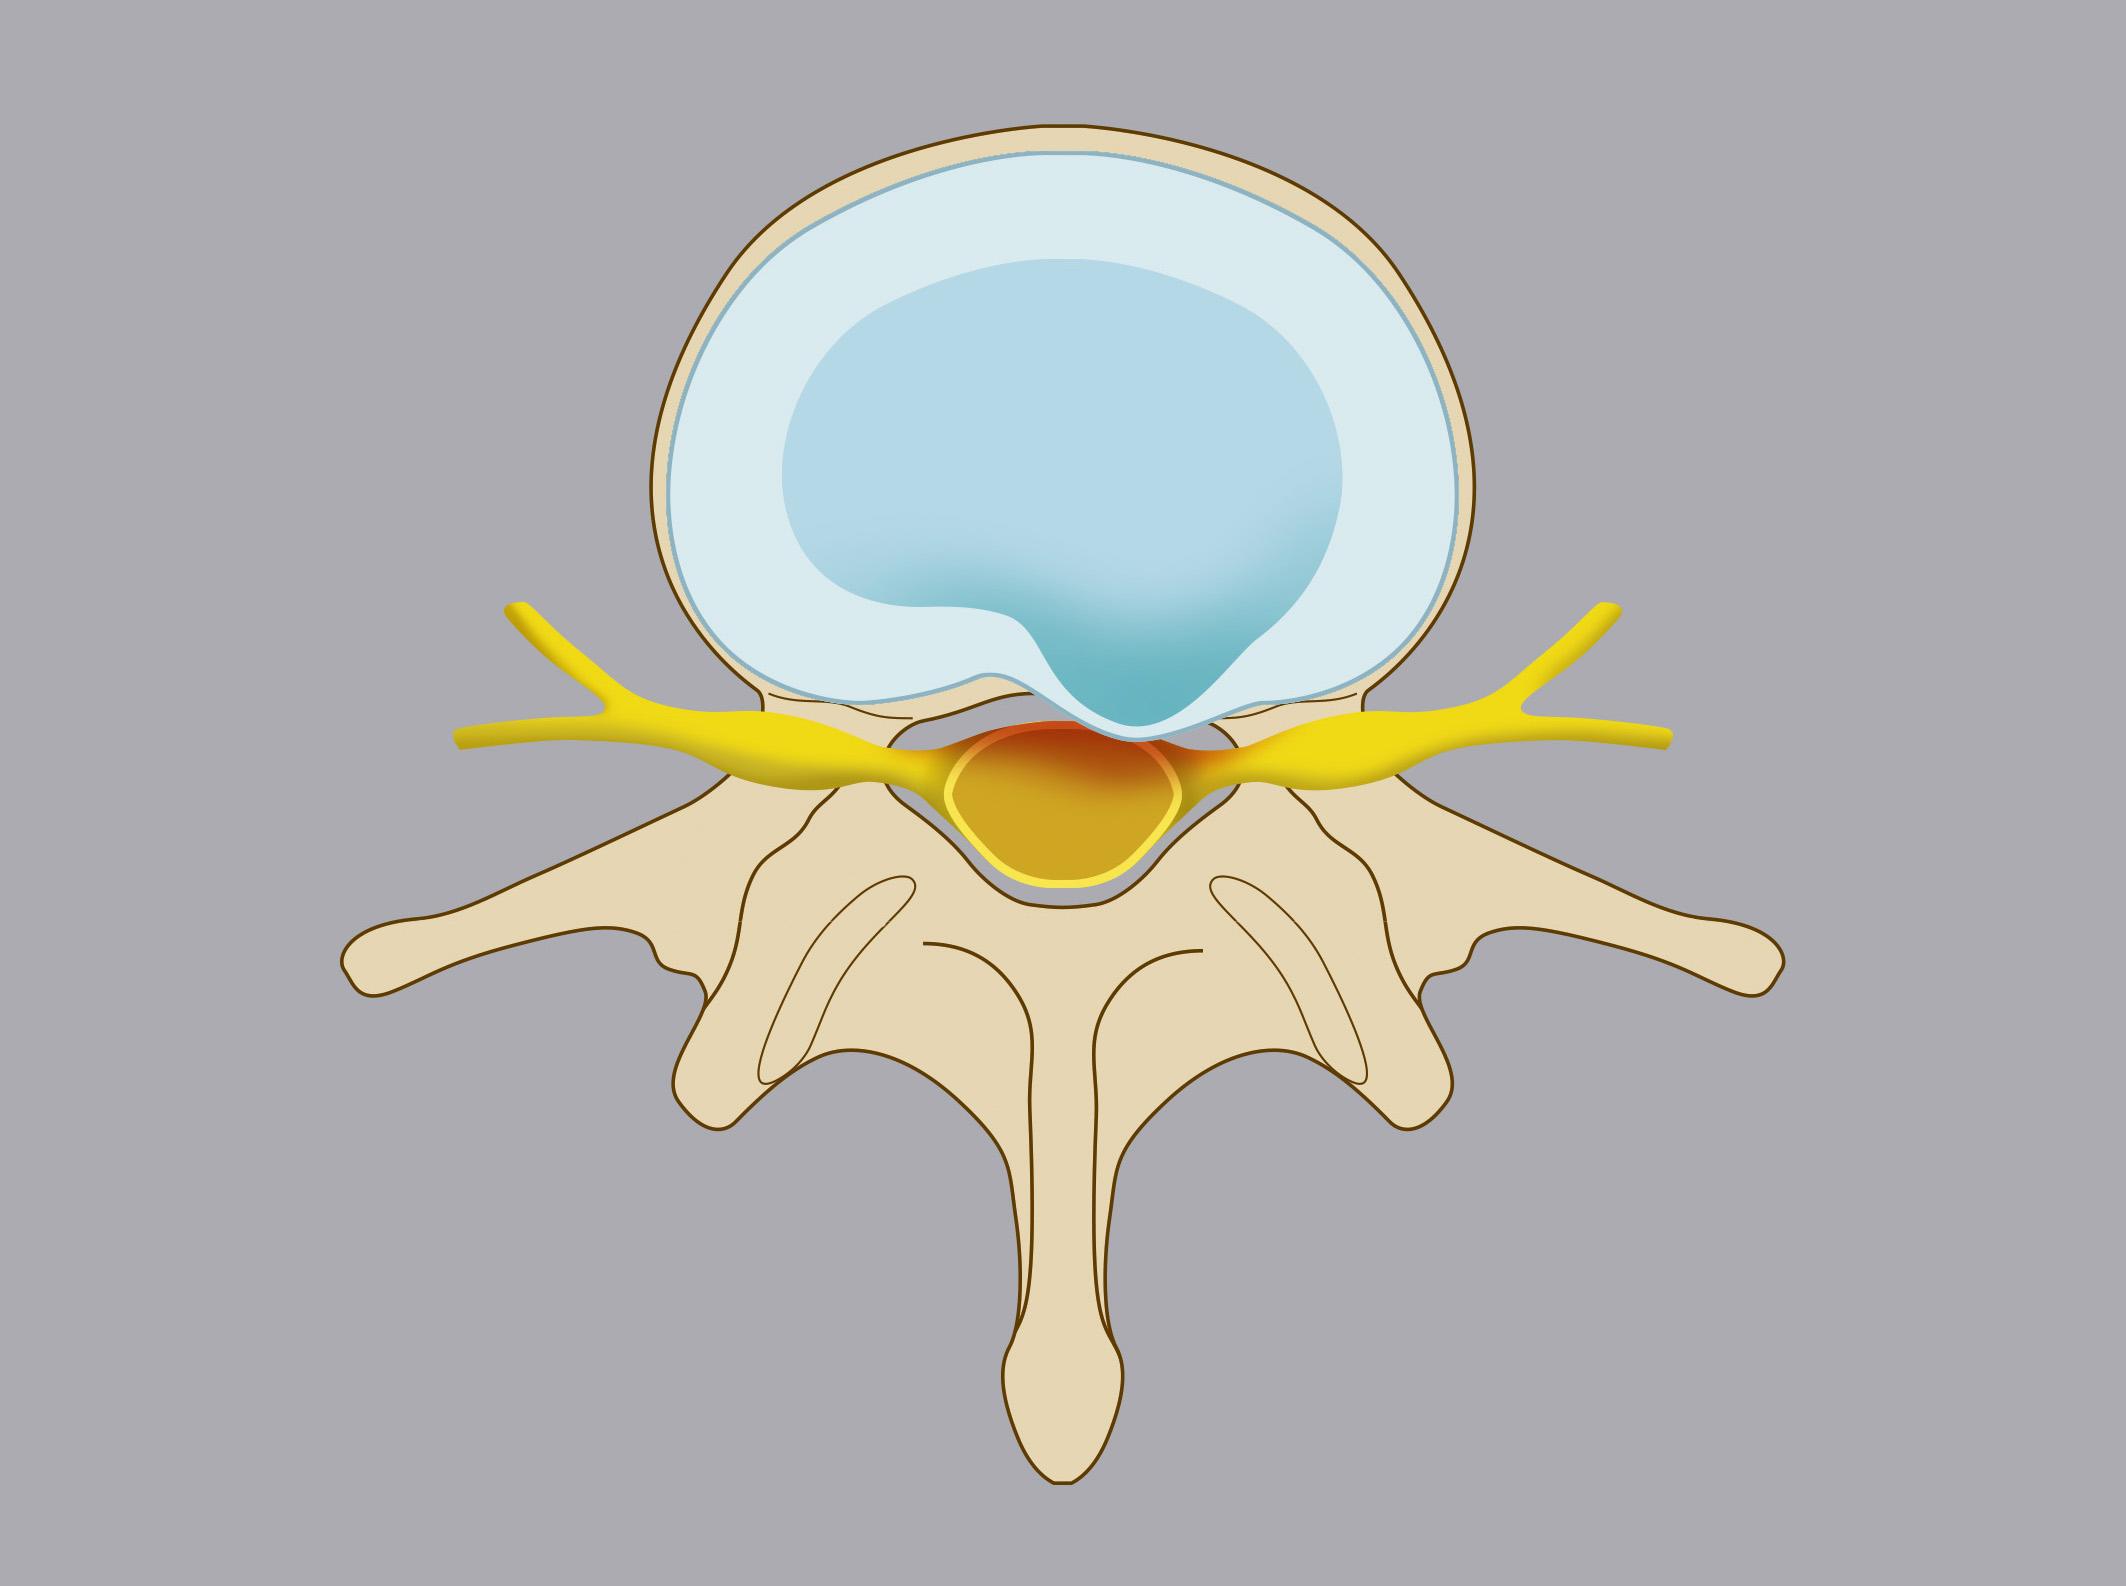 Protrusione discale. La componente esterna del disco – detta anulus fibroso – si deforma, contenendo tuttavia il nucleo polposo che rimane intatto.